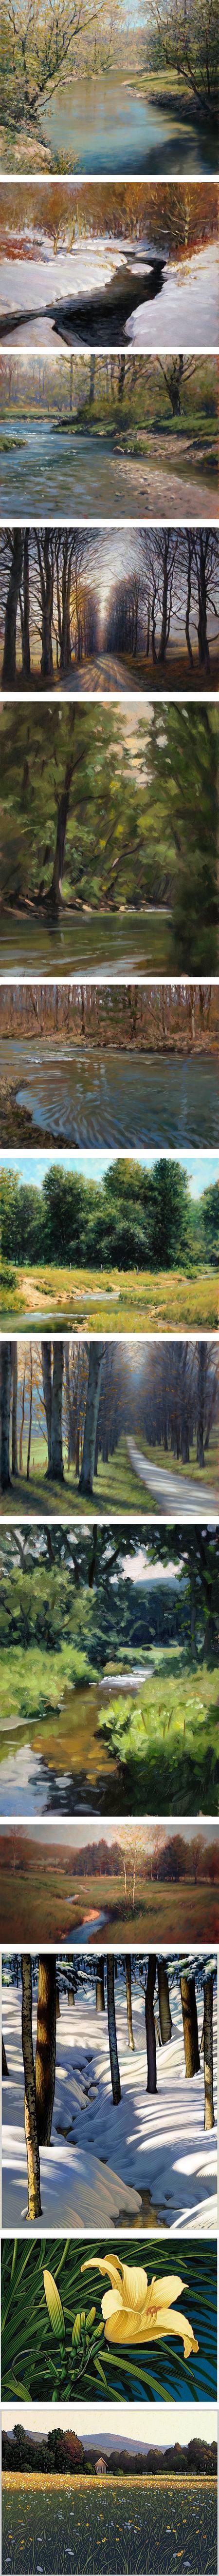 John MacDonald, landscapes